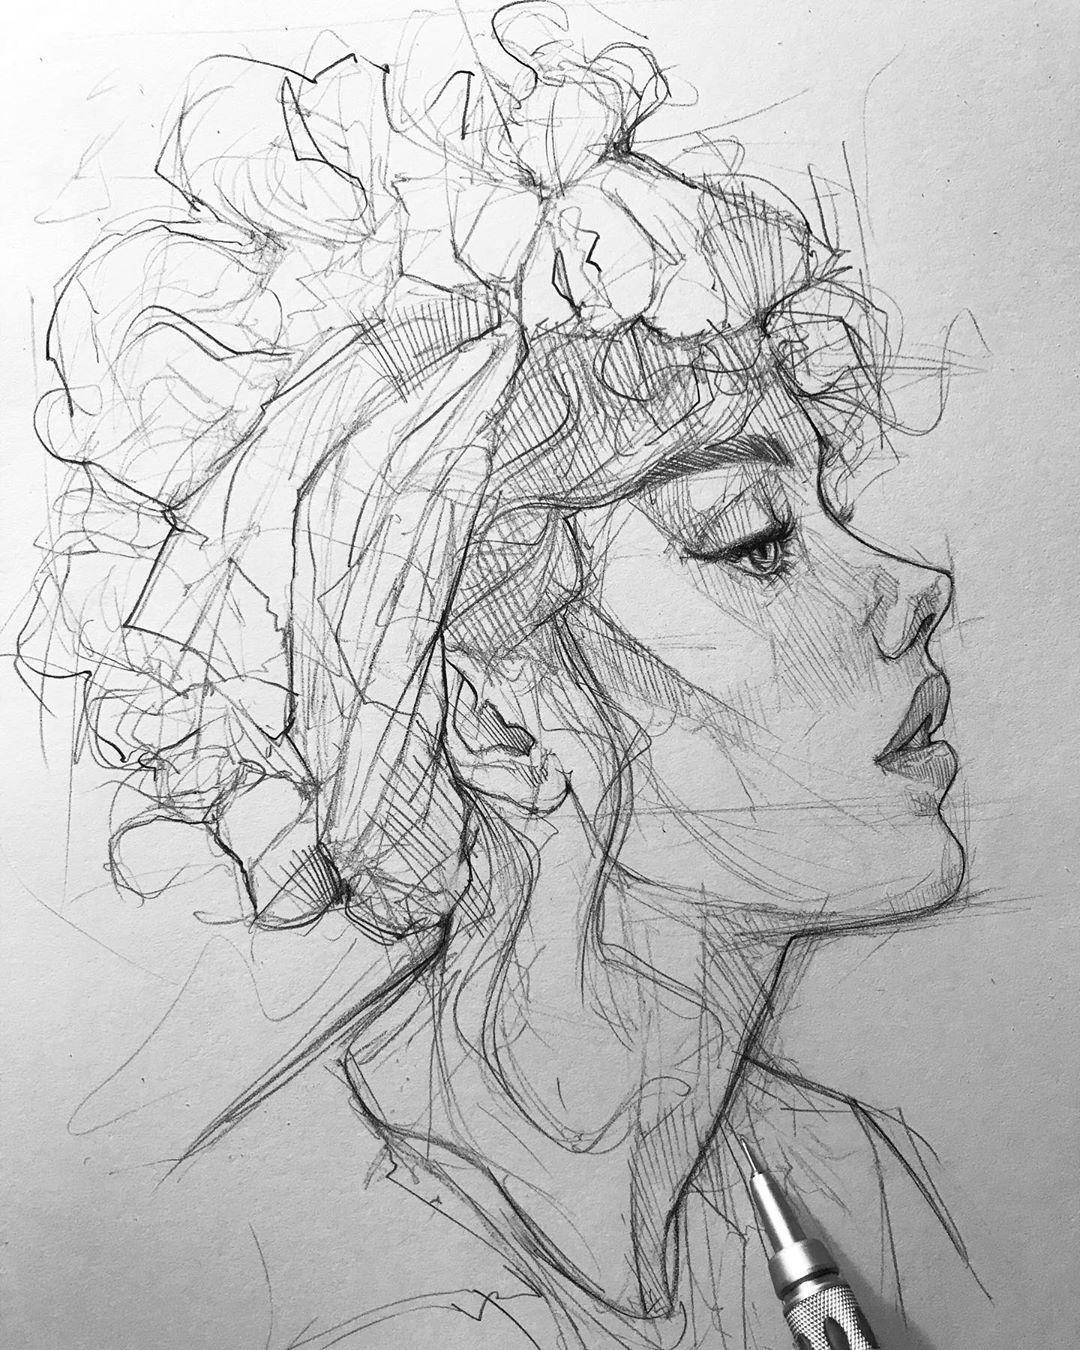 Pencil Sketch artist Efrain Malo